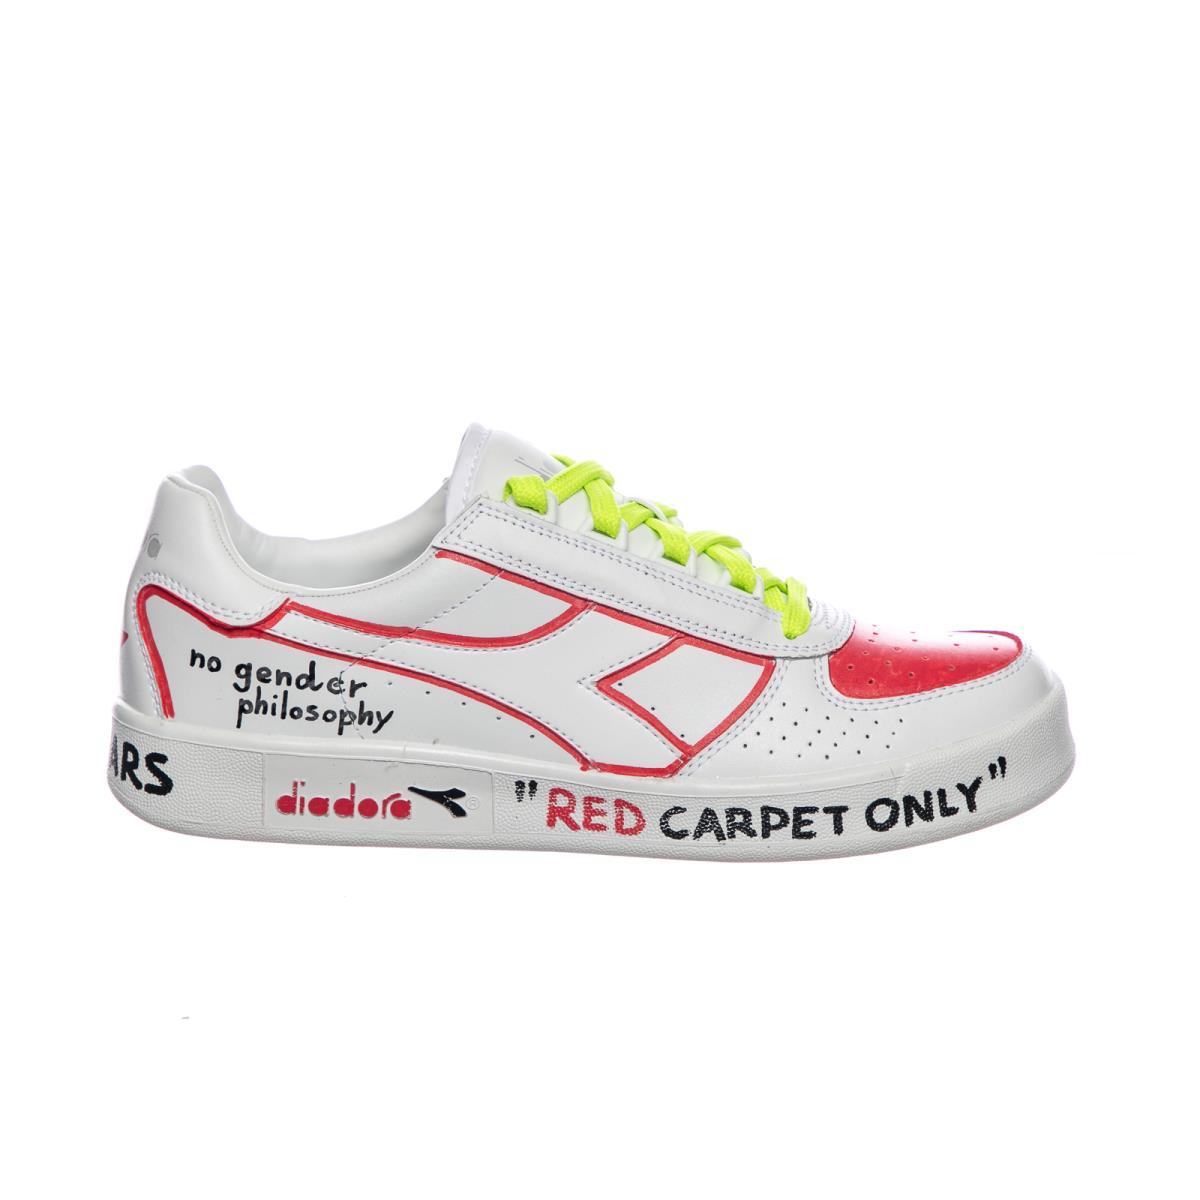 The Editor X Diadora Sneakers